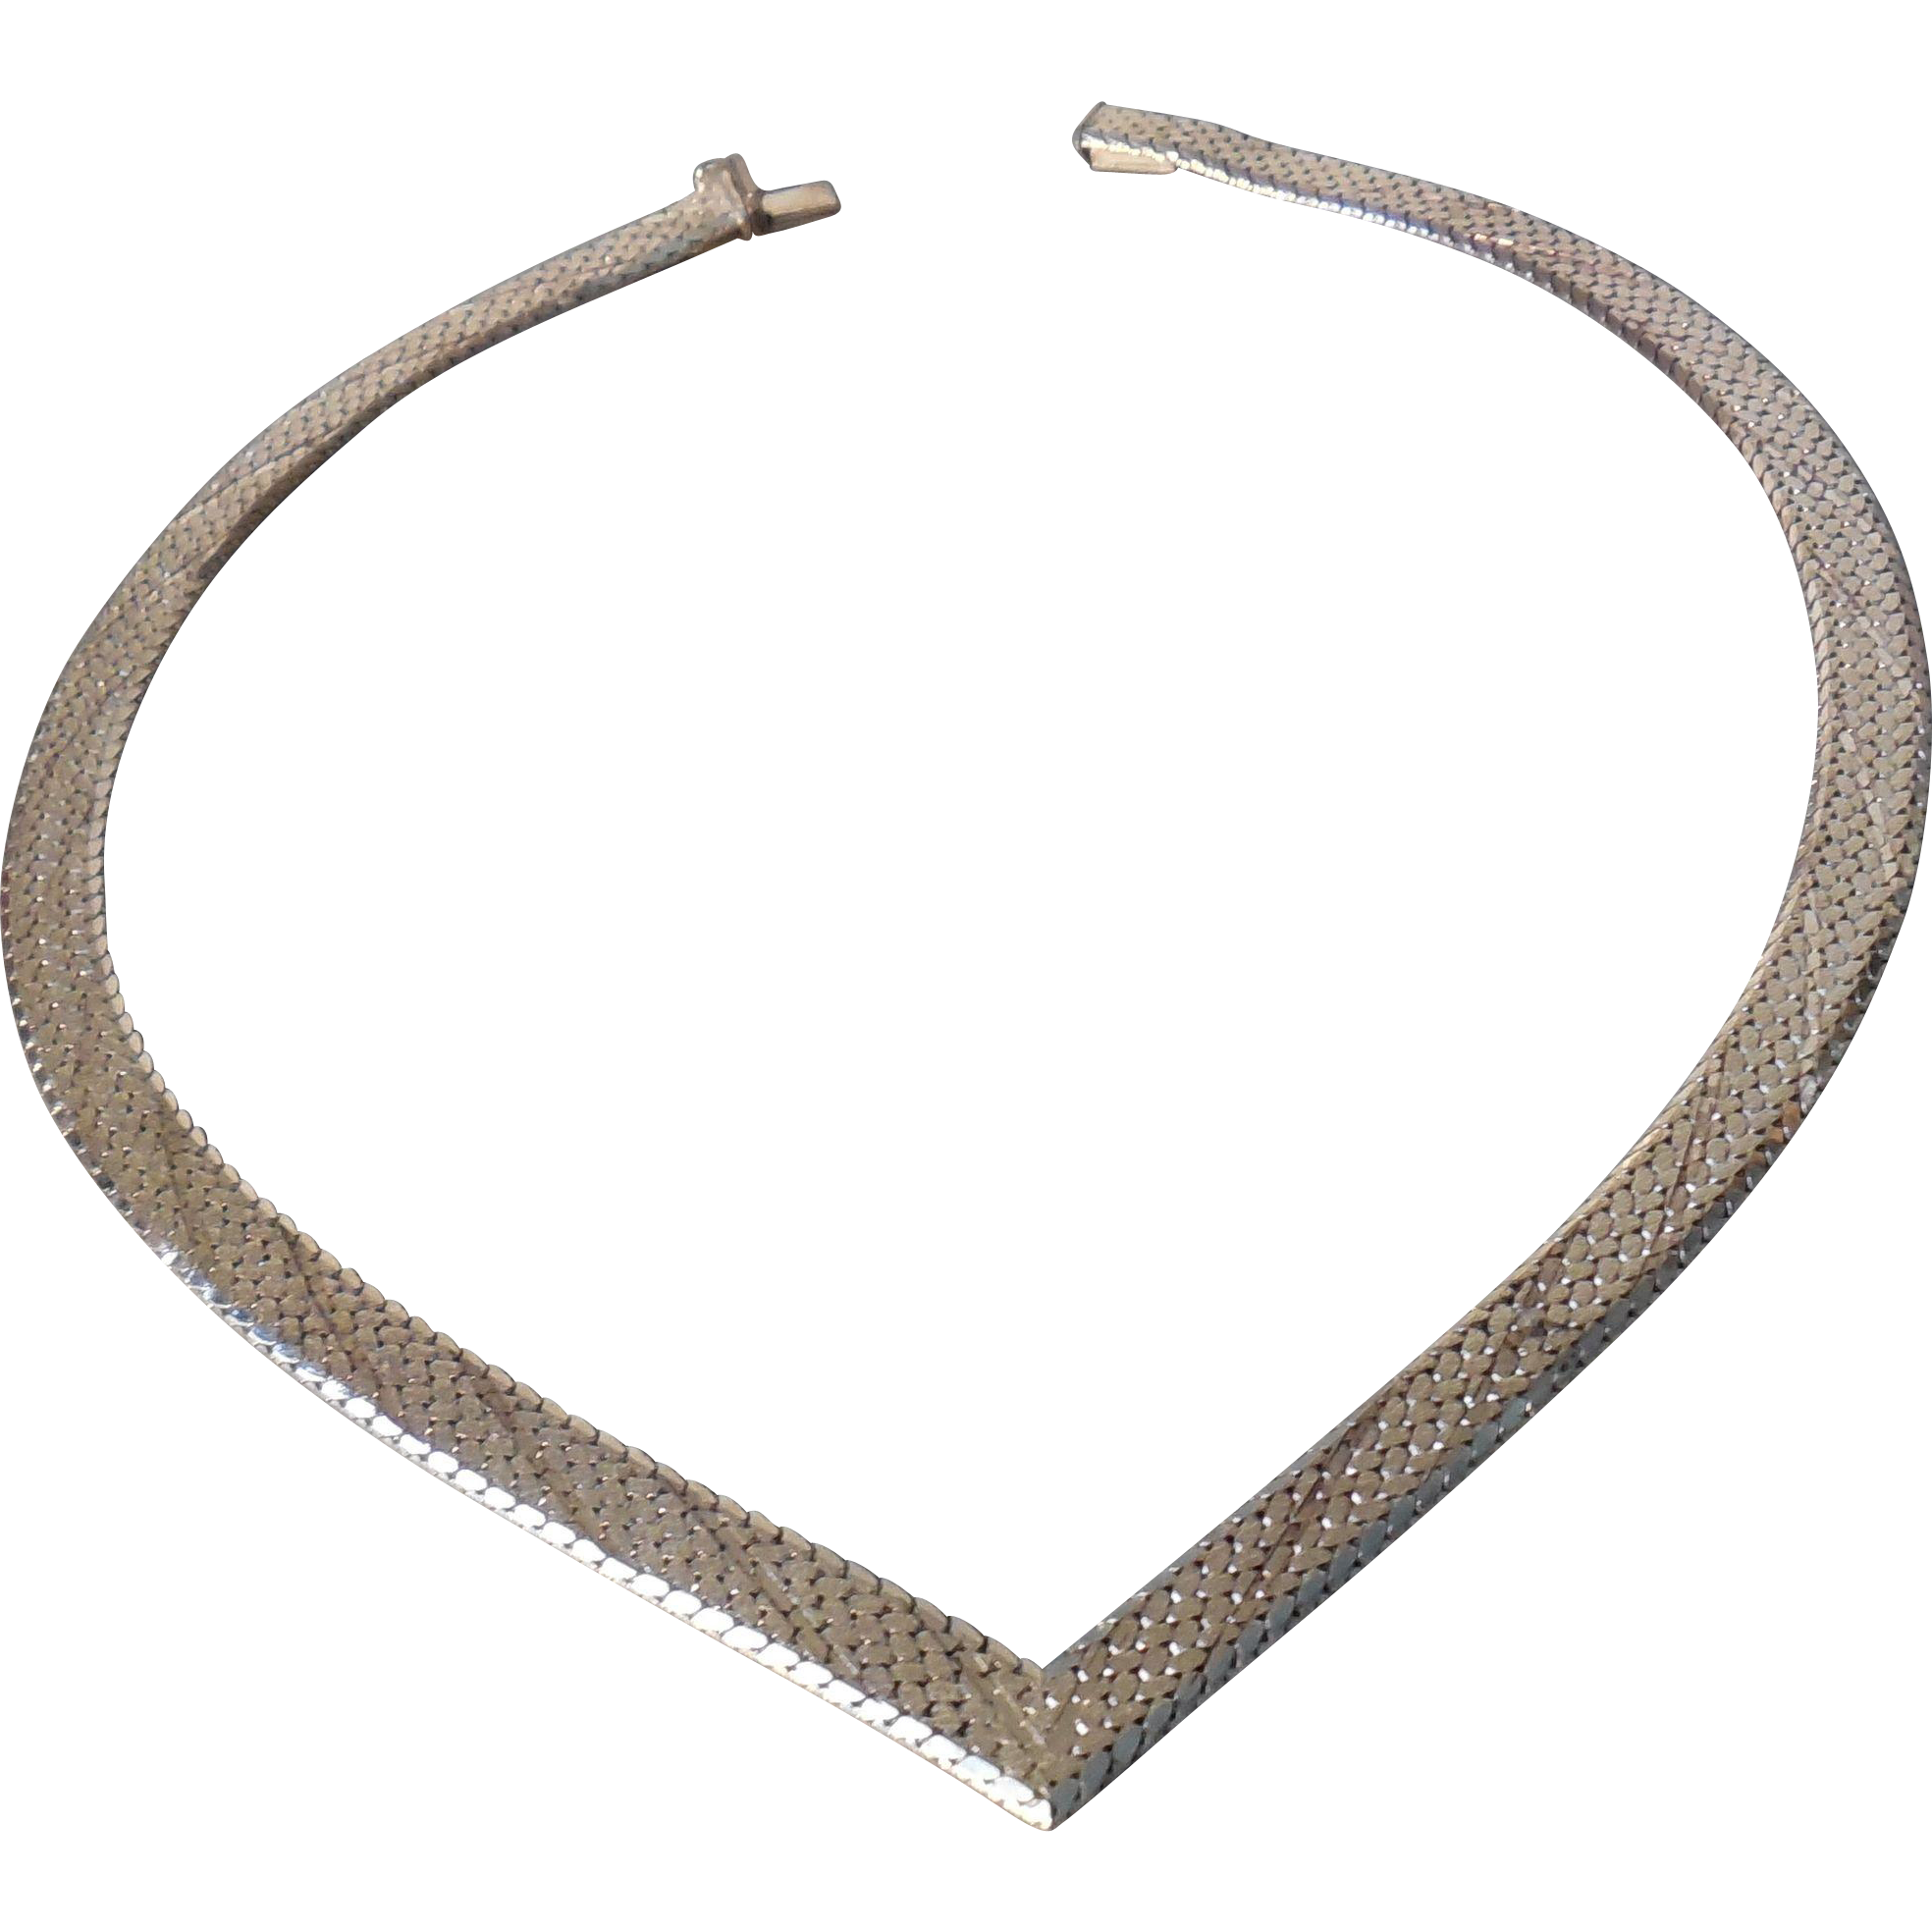 Vintage Sterling Necklace with V